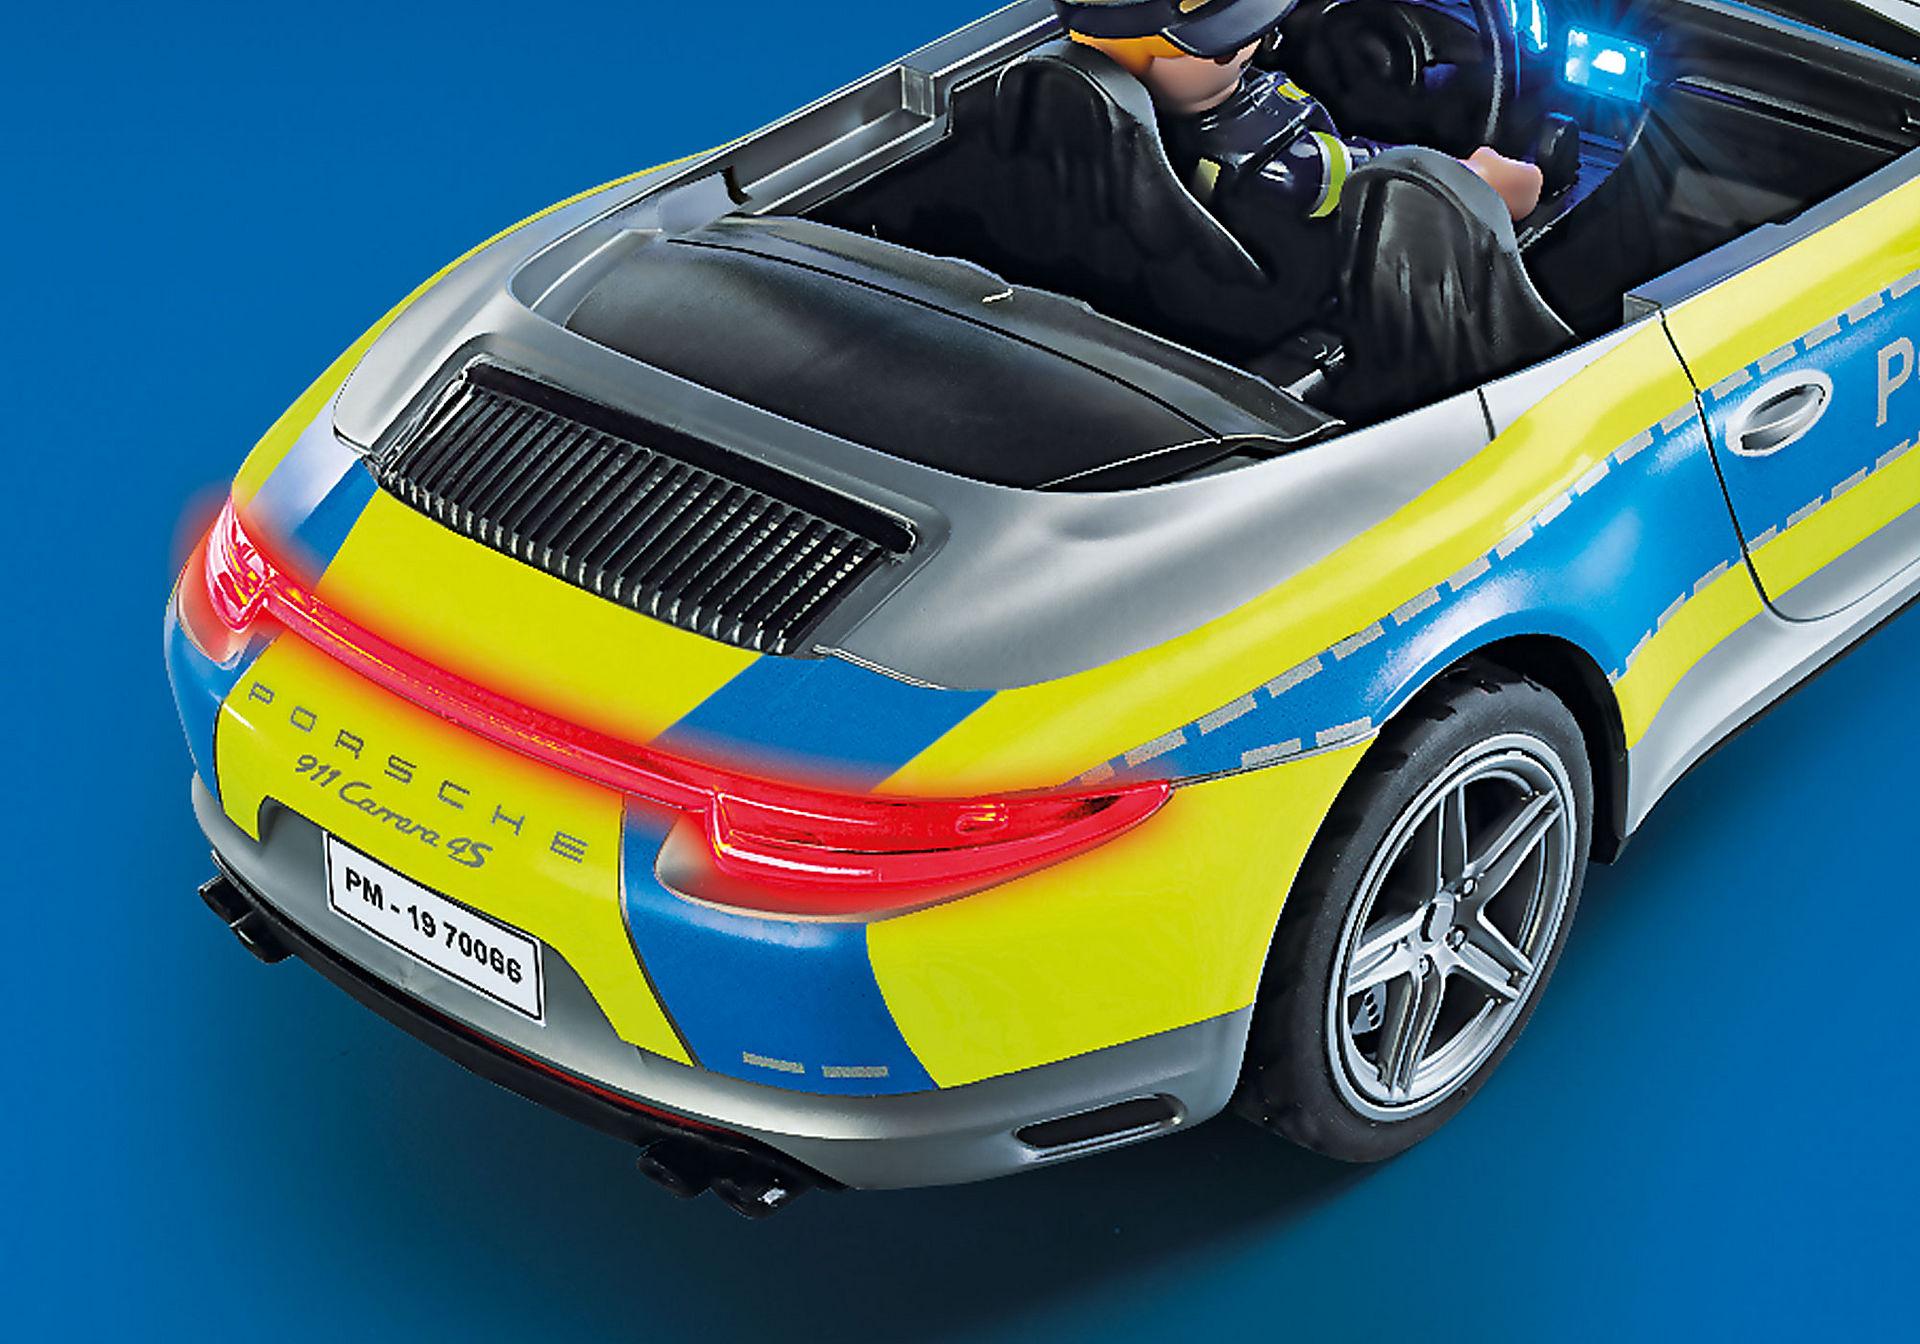 70066 Porsche 911 Carrera 4S Politie zoom image6